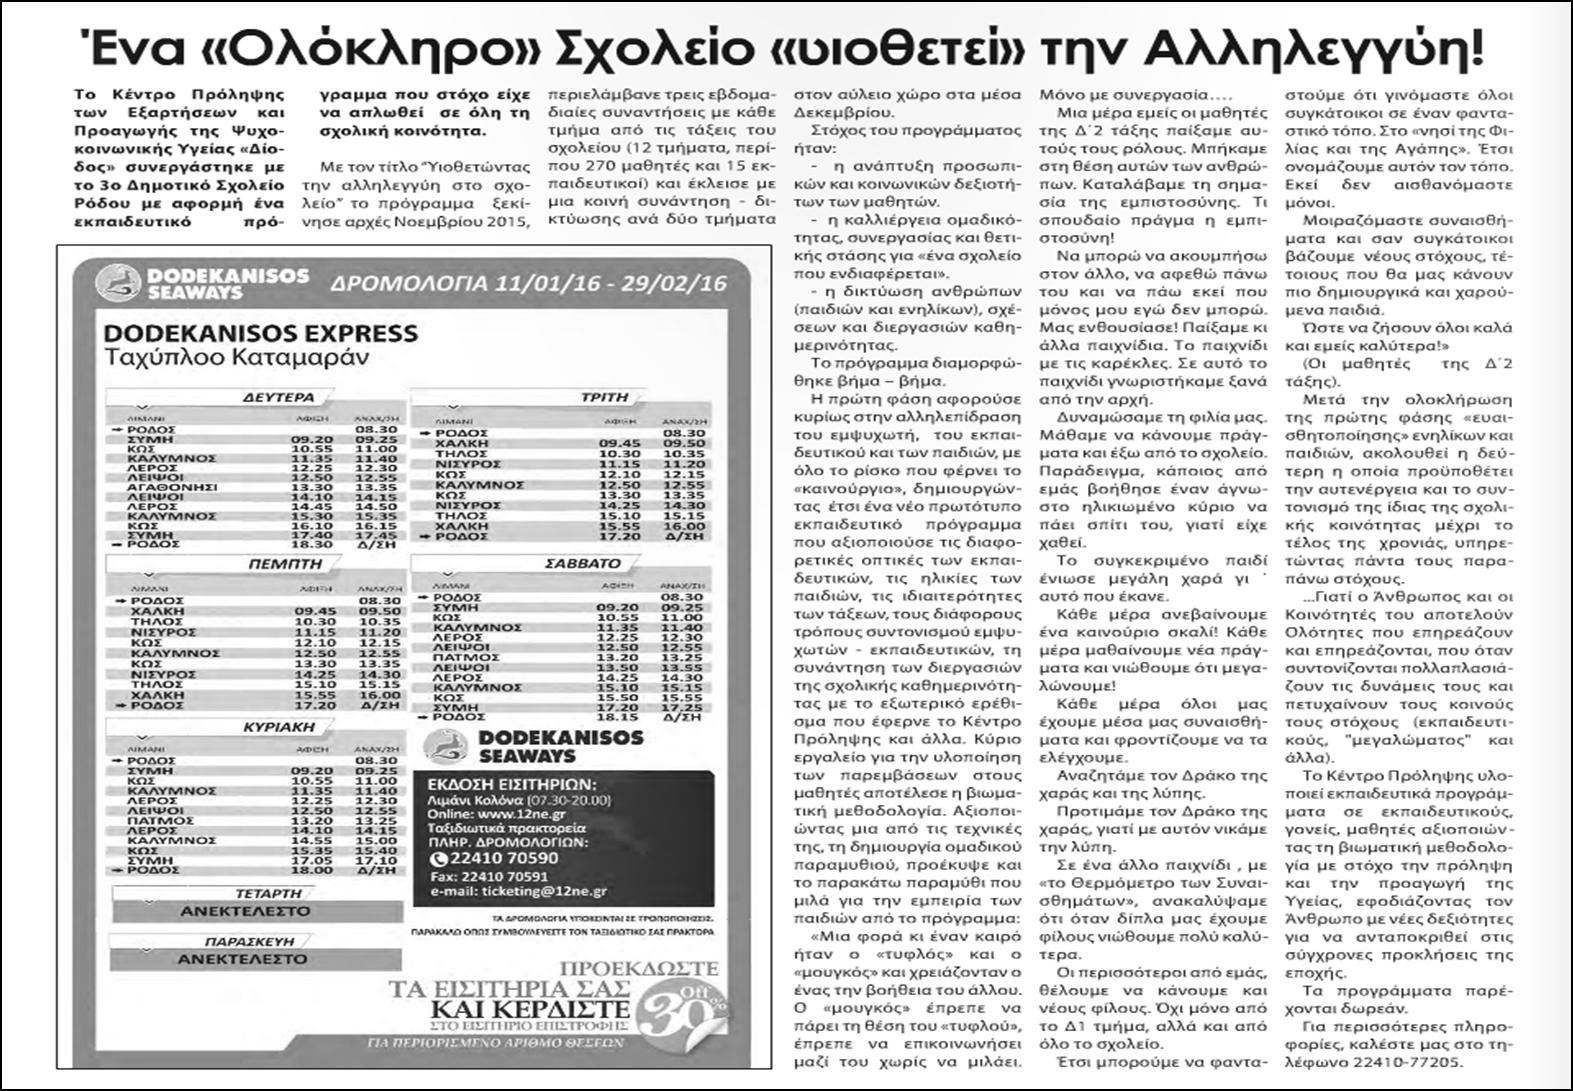 18-01-2016_Εφημερίδα ΓΝΩΜΗ